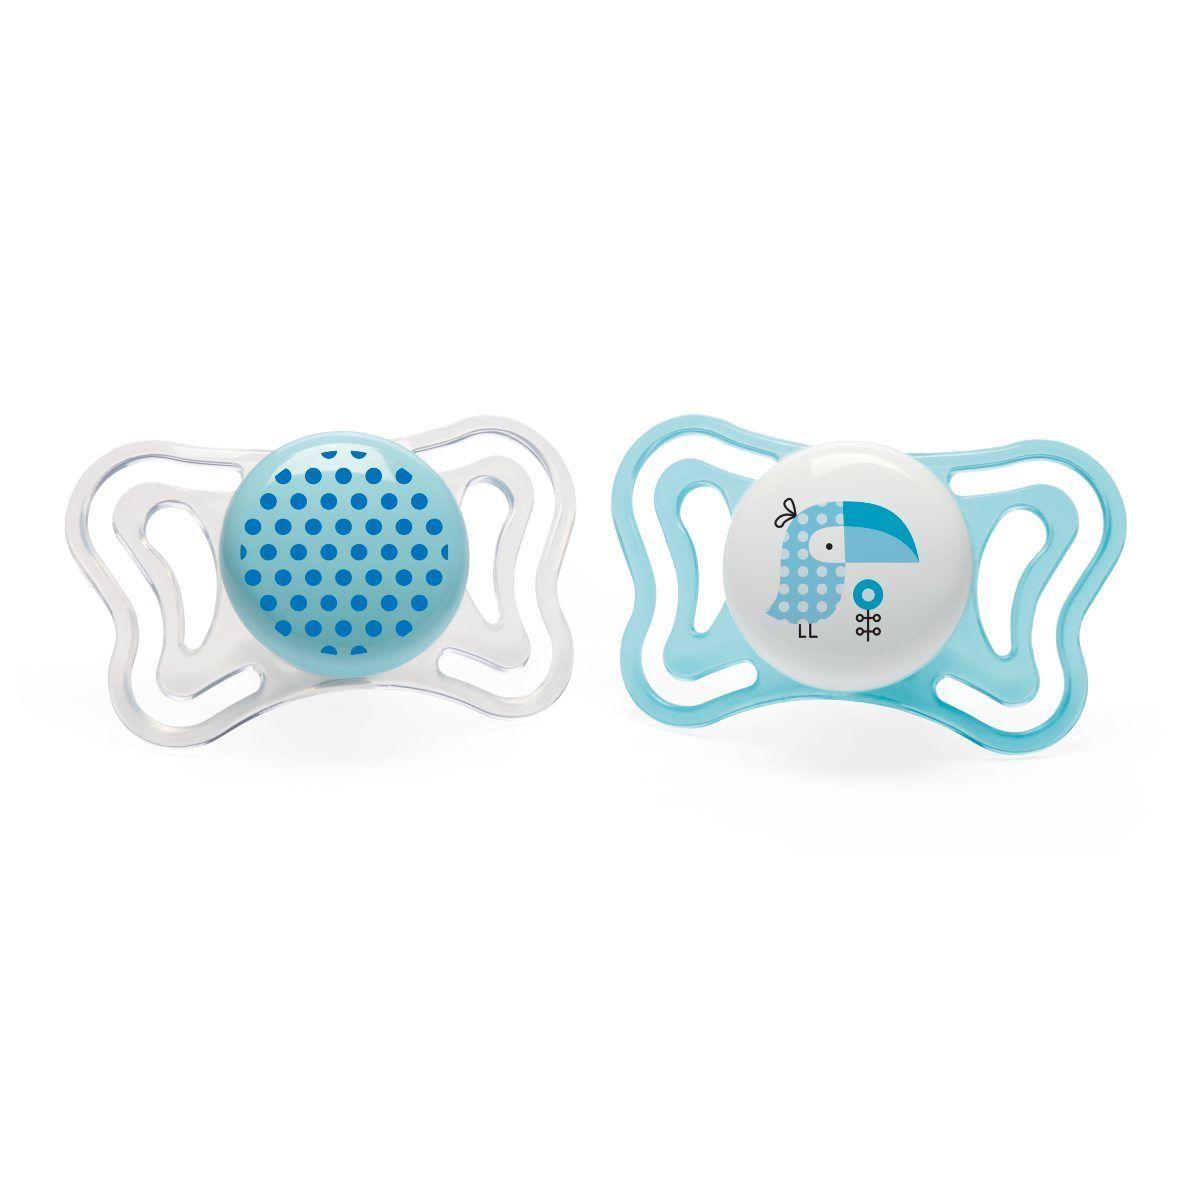 Cumlík Physio Light, silikón, 2-6m+, modrá, 2ks